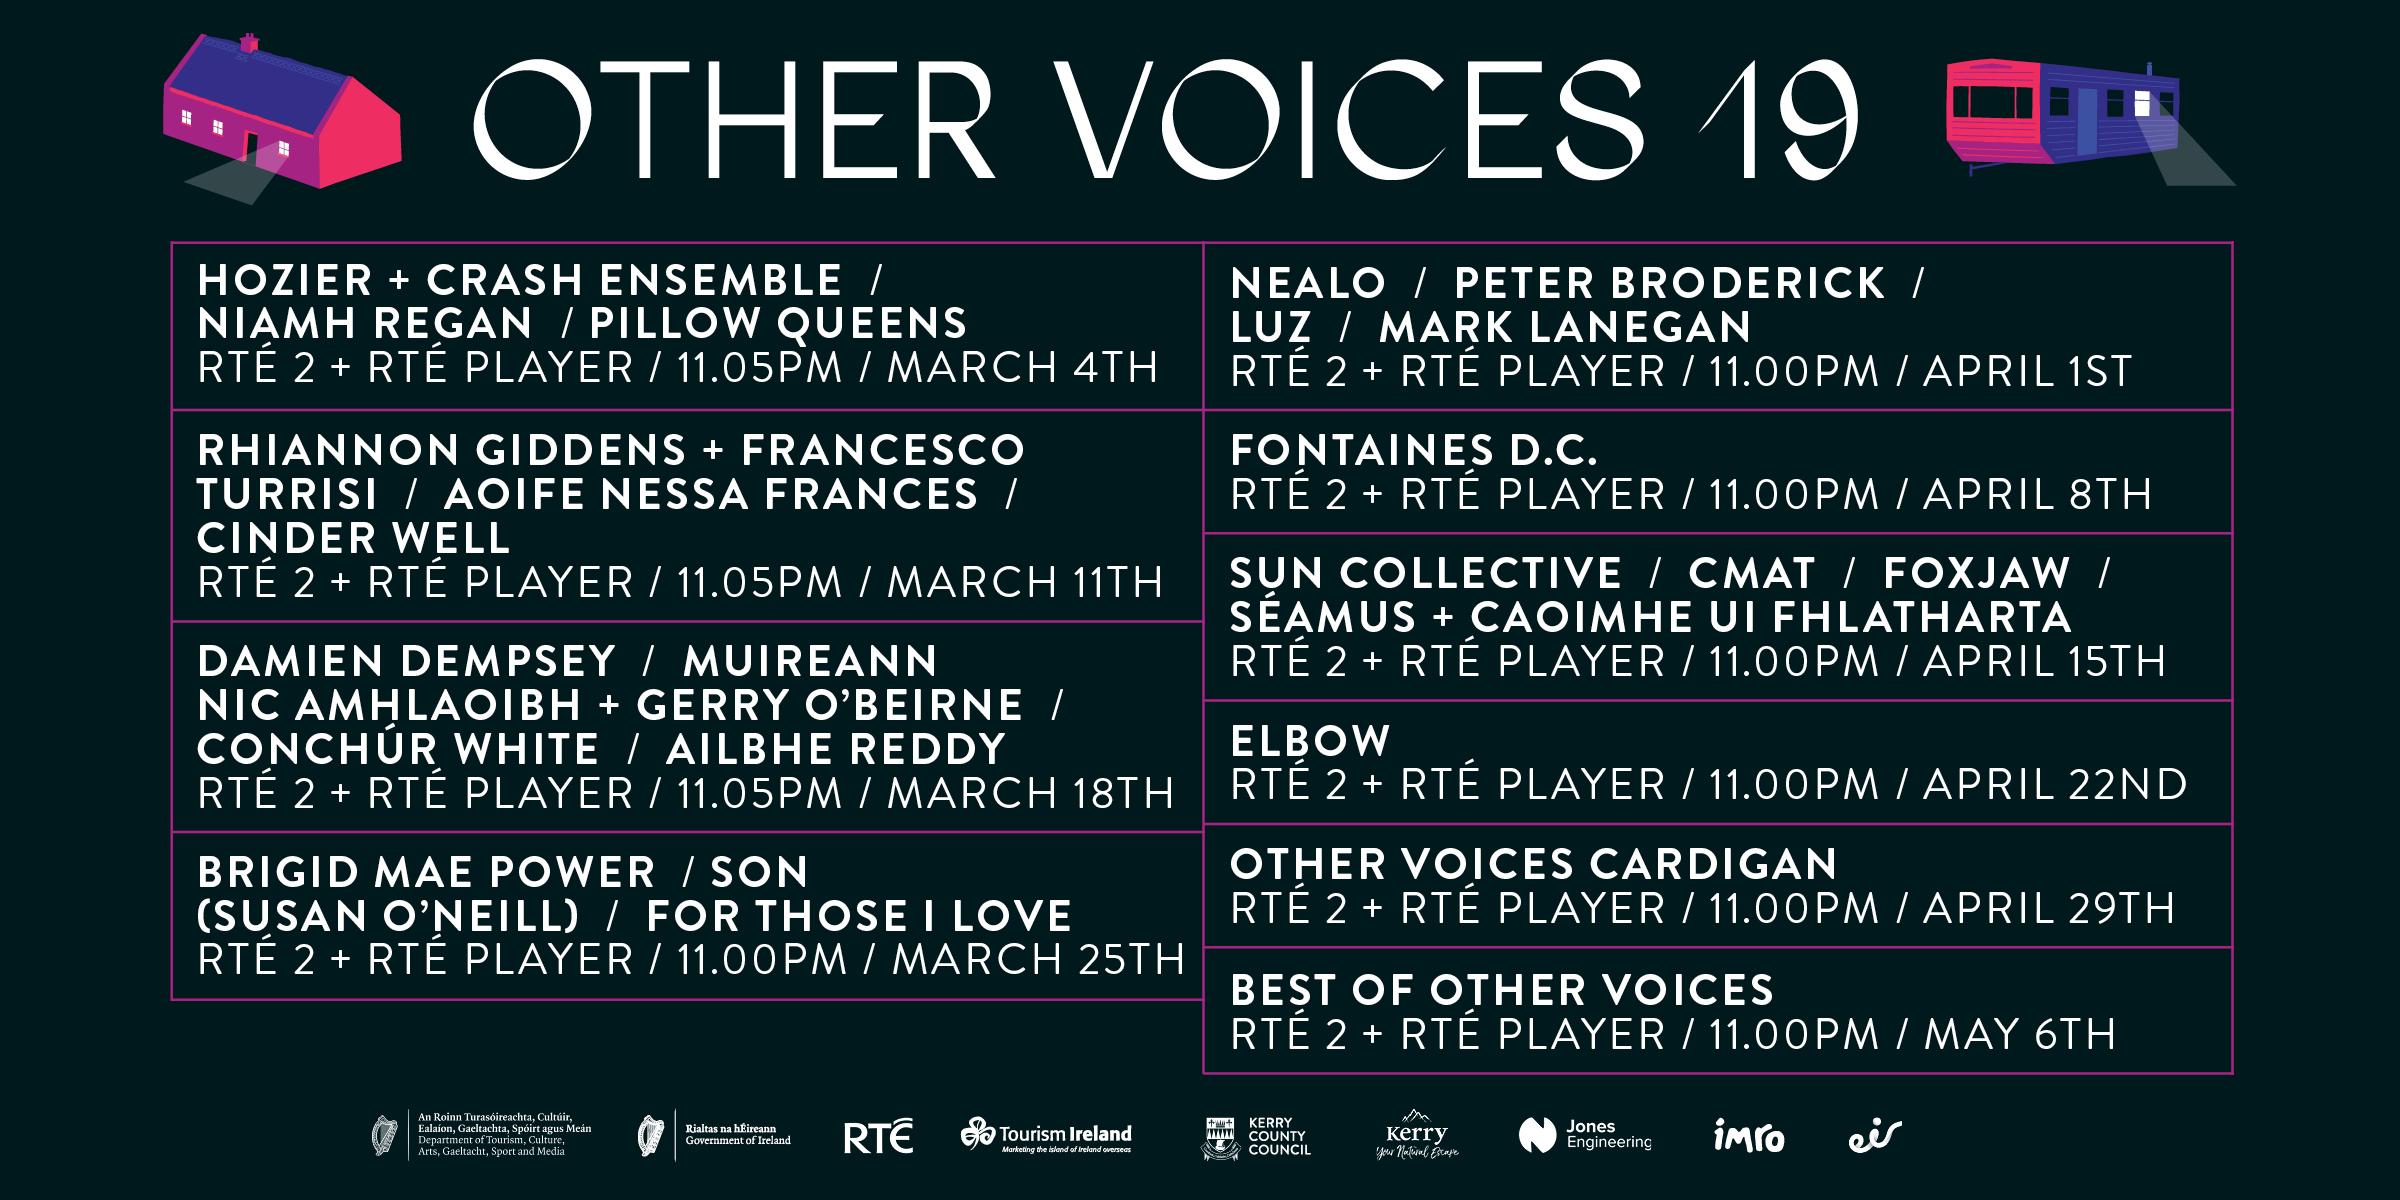 Other Voices Season 19 Timetable